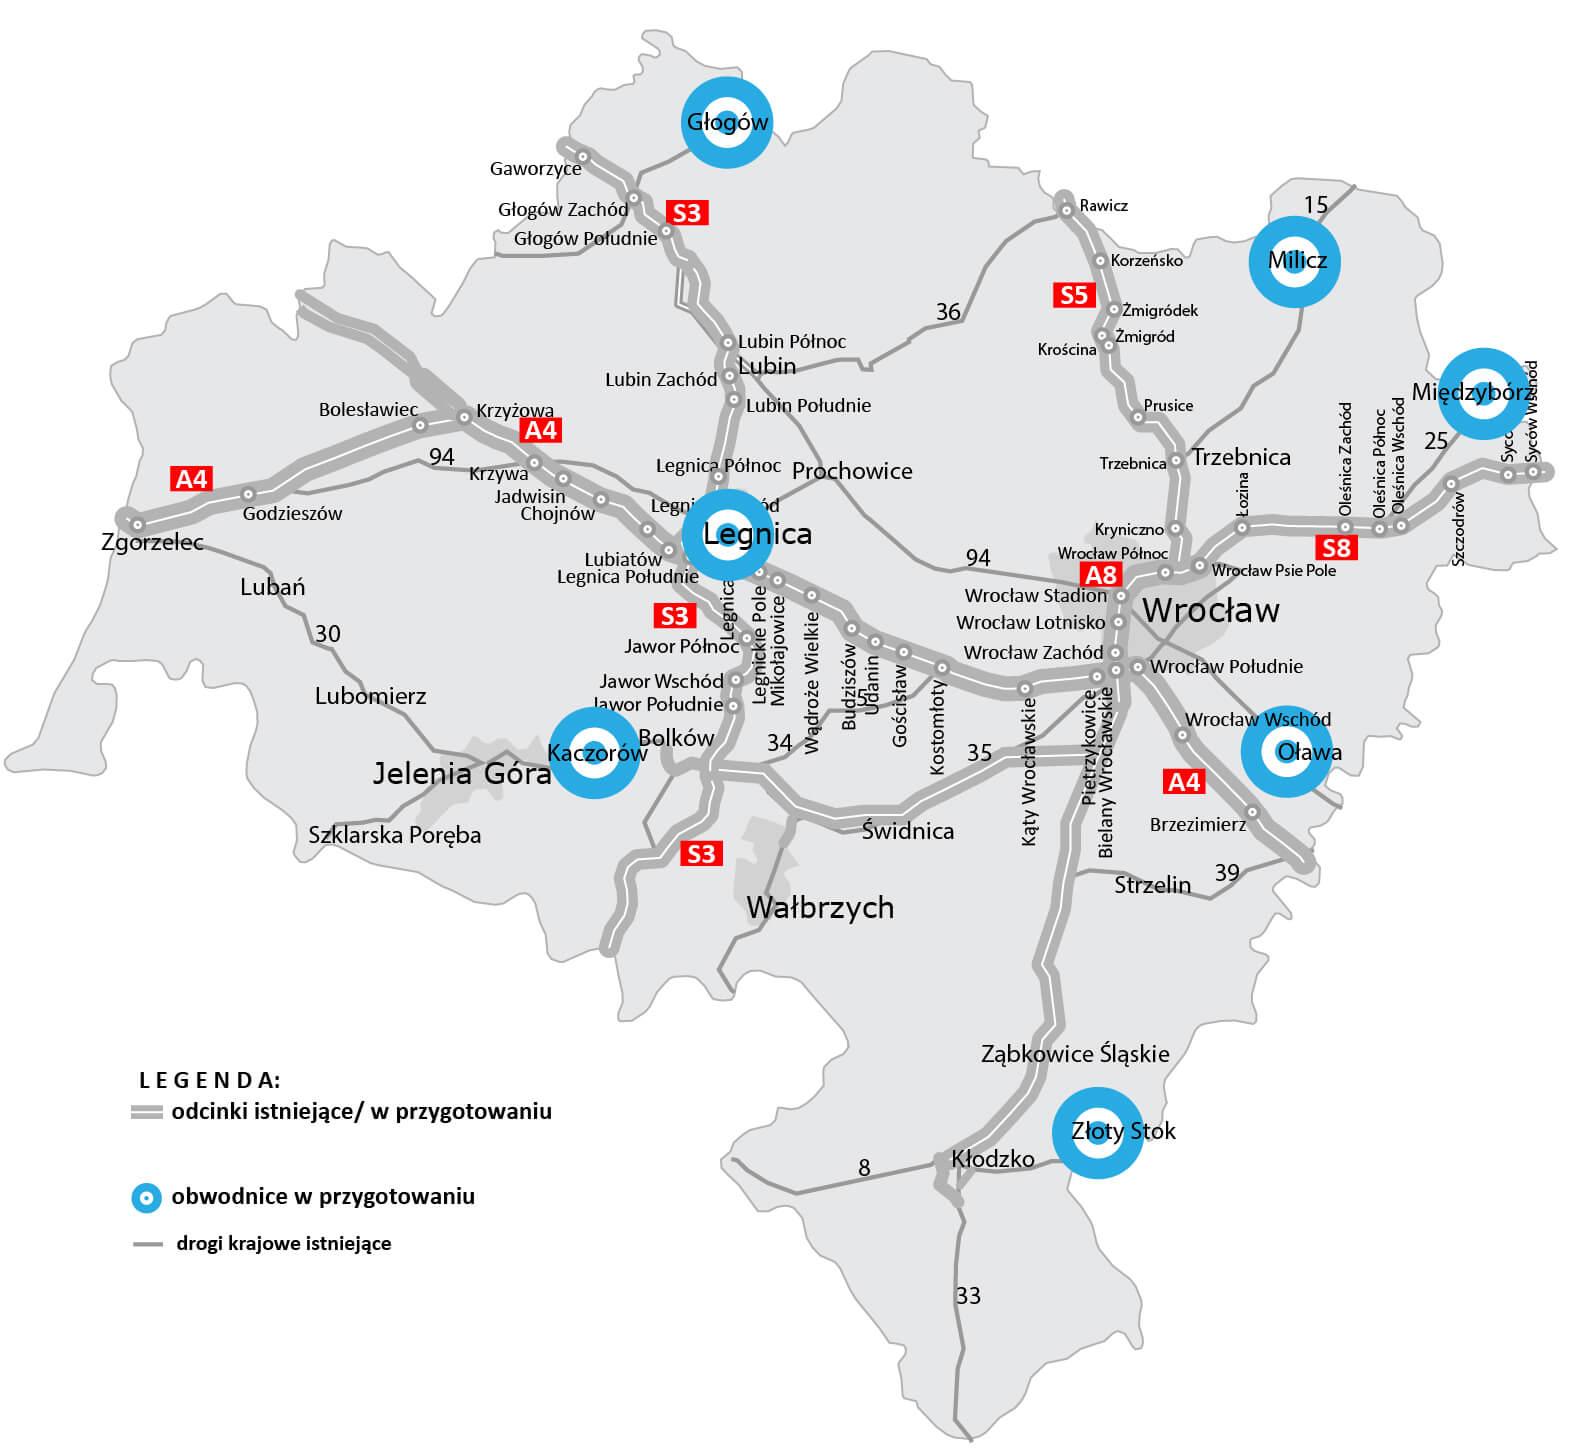 Obwodnice planowane w woj. dolnośląskim. Źródło: GDDKiA